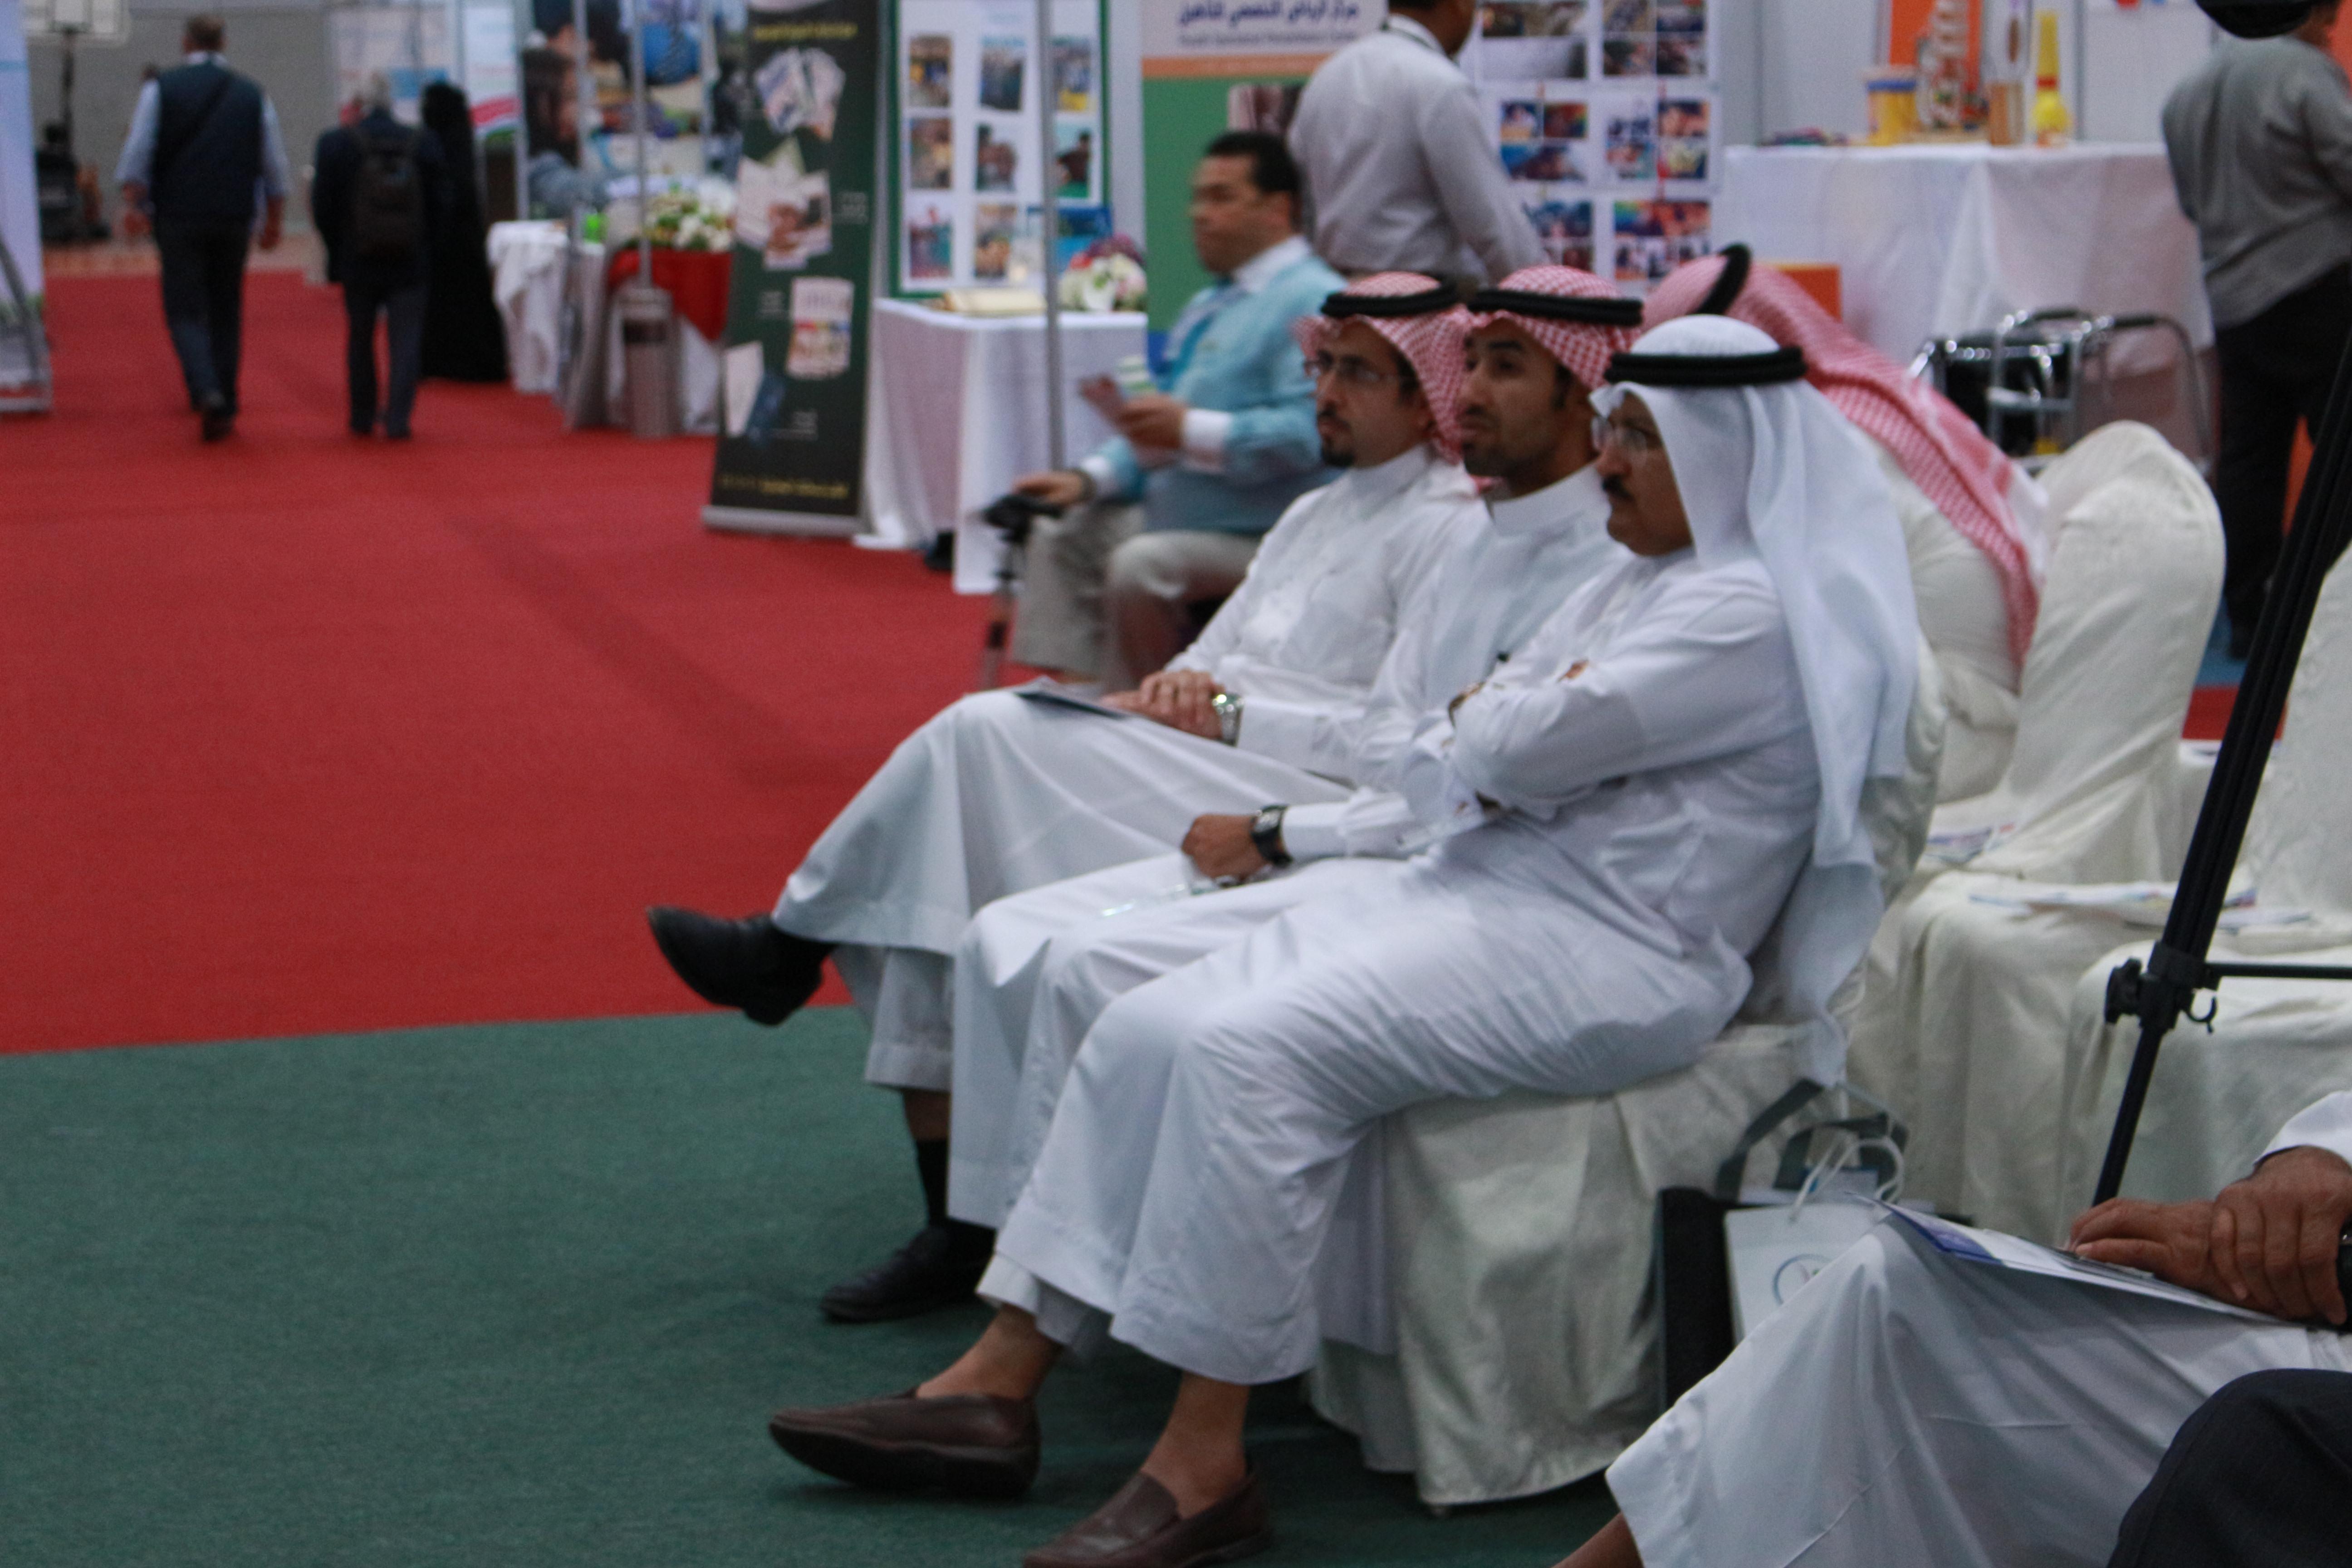 فعاليات المعرض السعودي الدولي الثالث لمستلزمات الاشخاص ذوي الاعاقة ضياء (3)